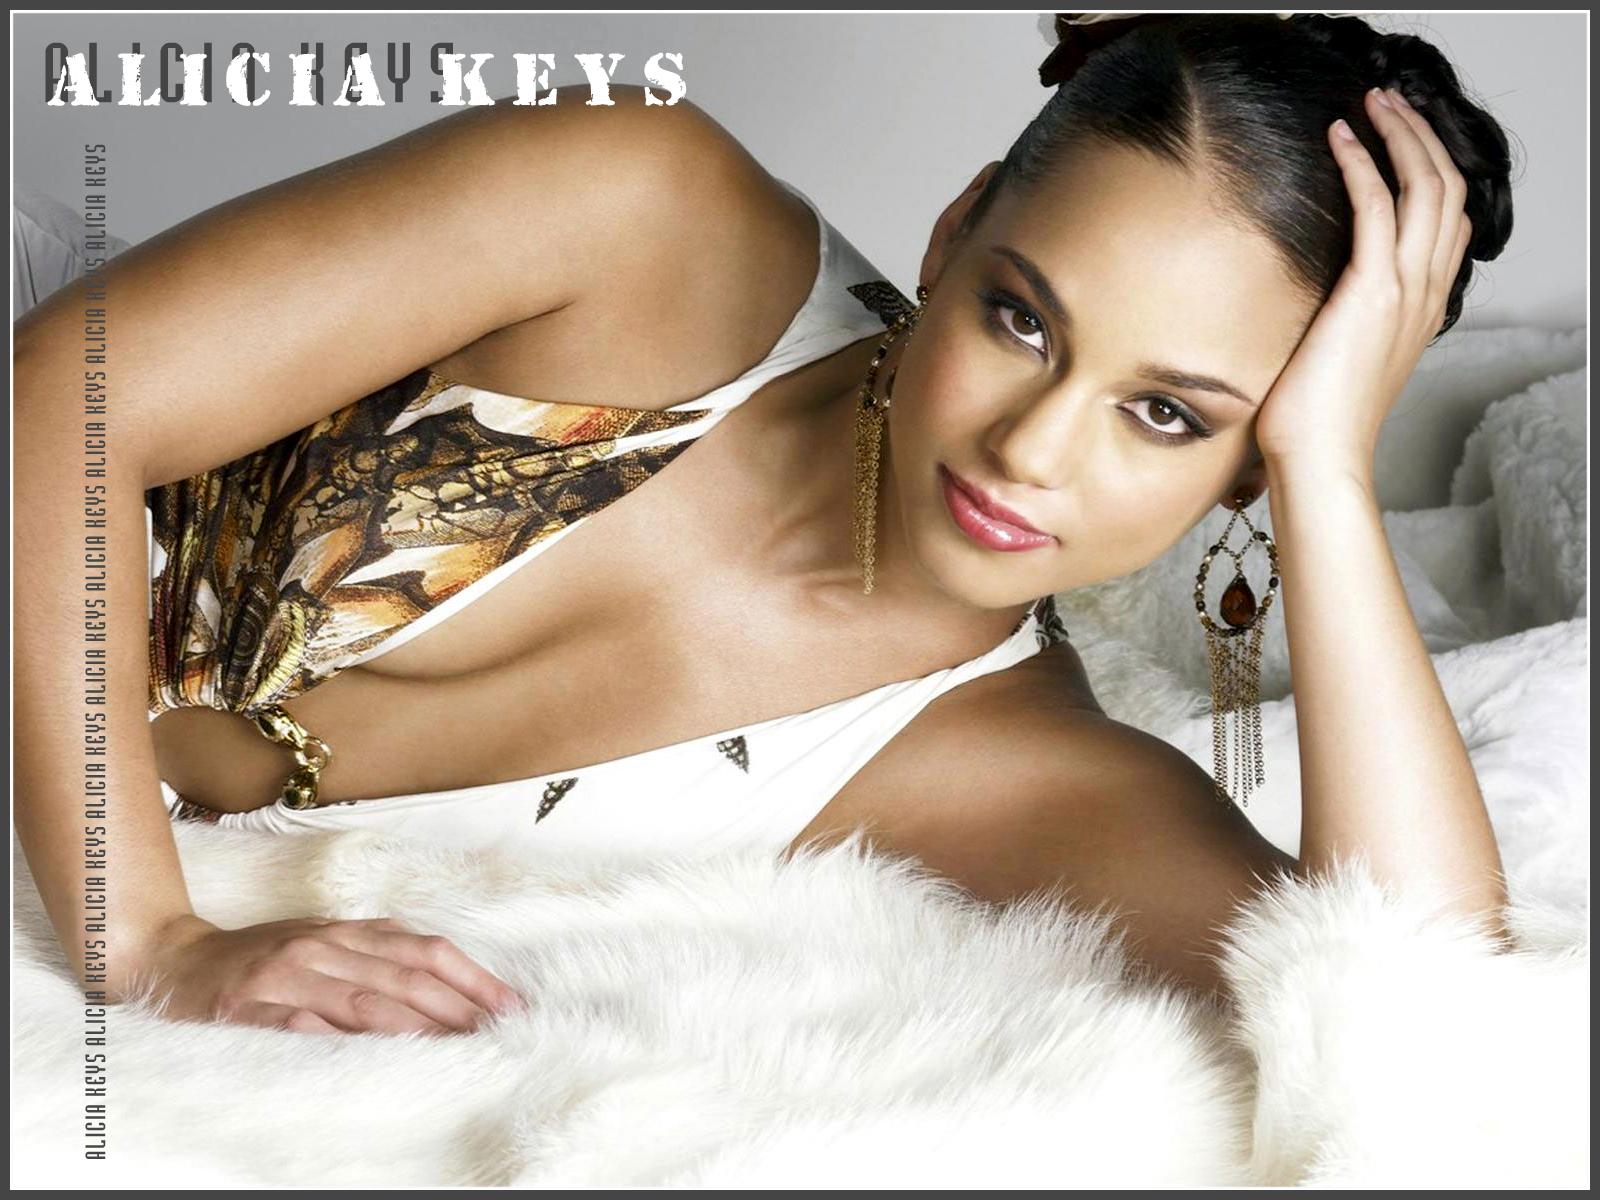 http://1.bp.blogspot.com/-FdFxHDUb4gk/TaQCXsJzQNI/AAAAAAAAAGU/dcW09K0TXW4/s1600/Alicia-Keys.jpg